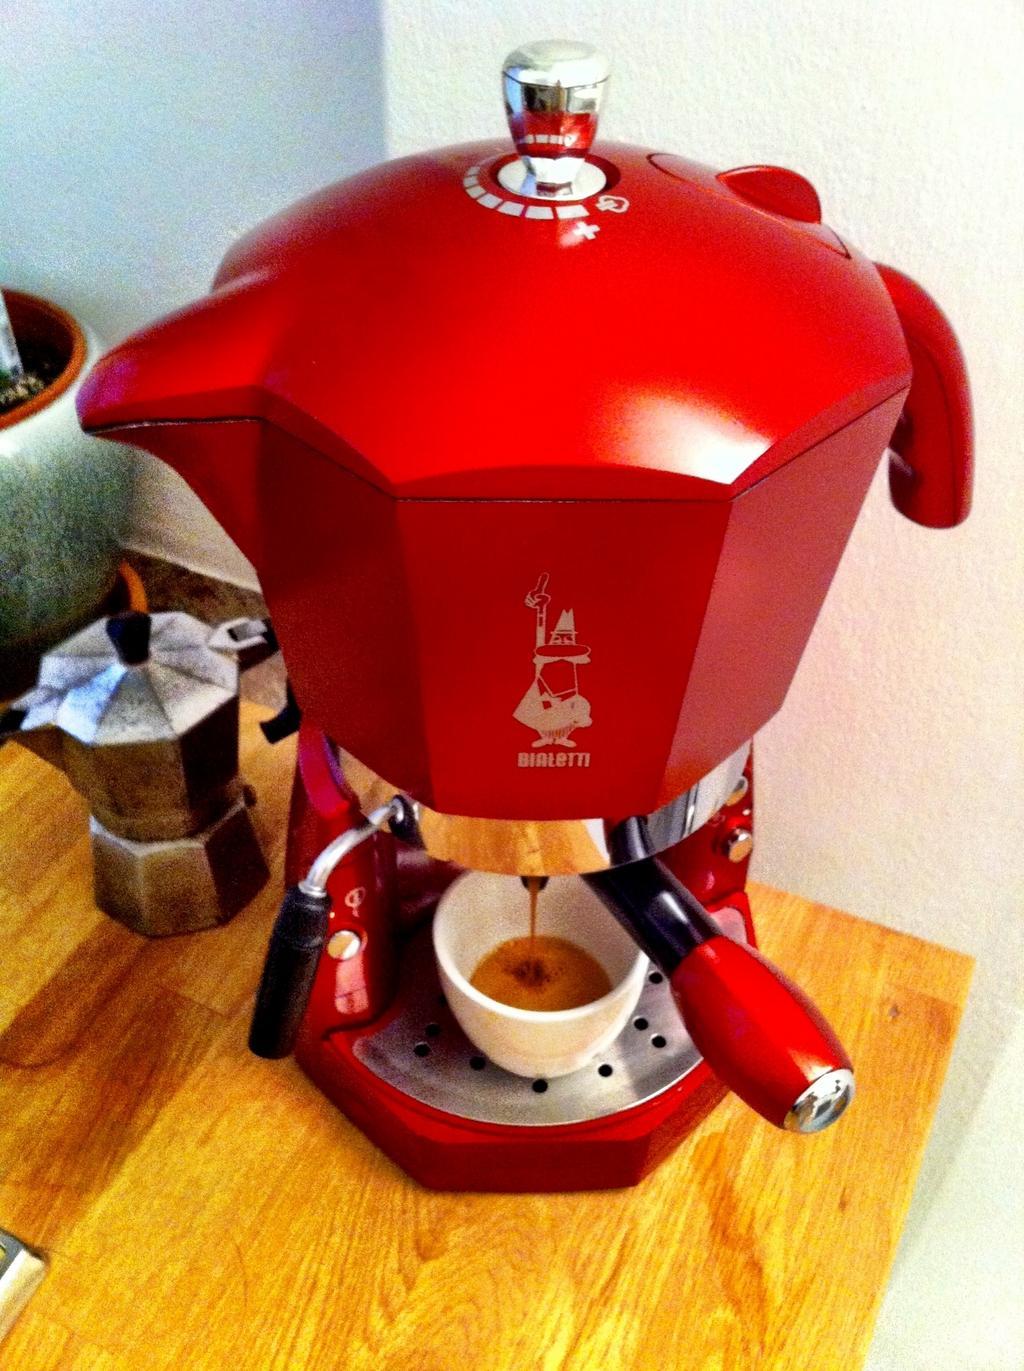 Moka Buongiorno Italia Mangiare Ridere Bialetti Espresso Machine Mokona Rossa To Be Continued